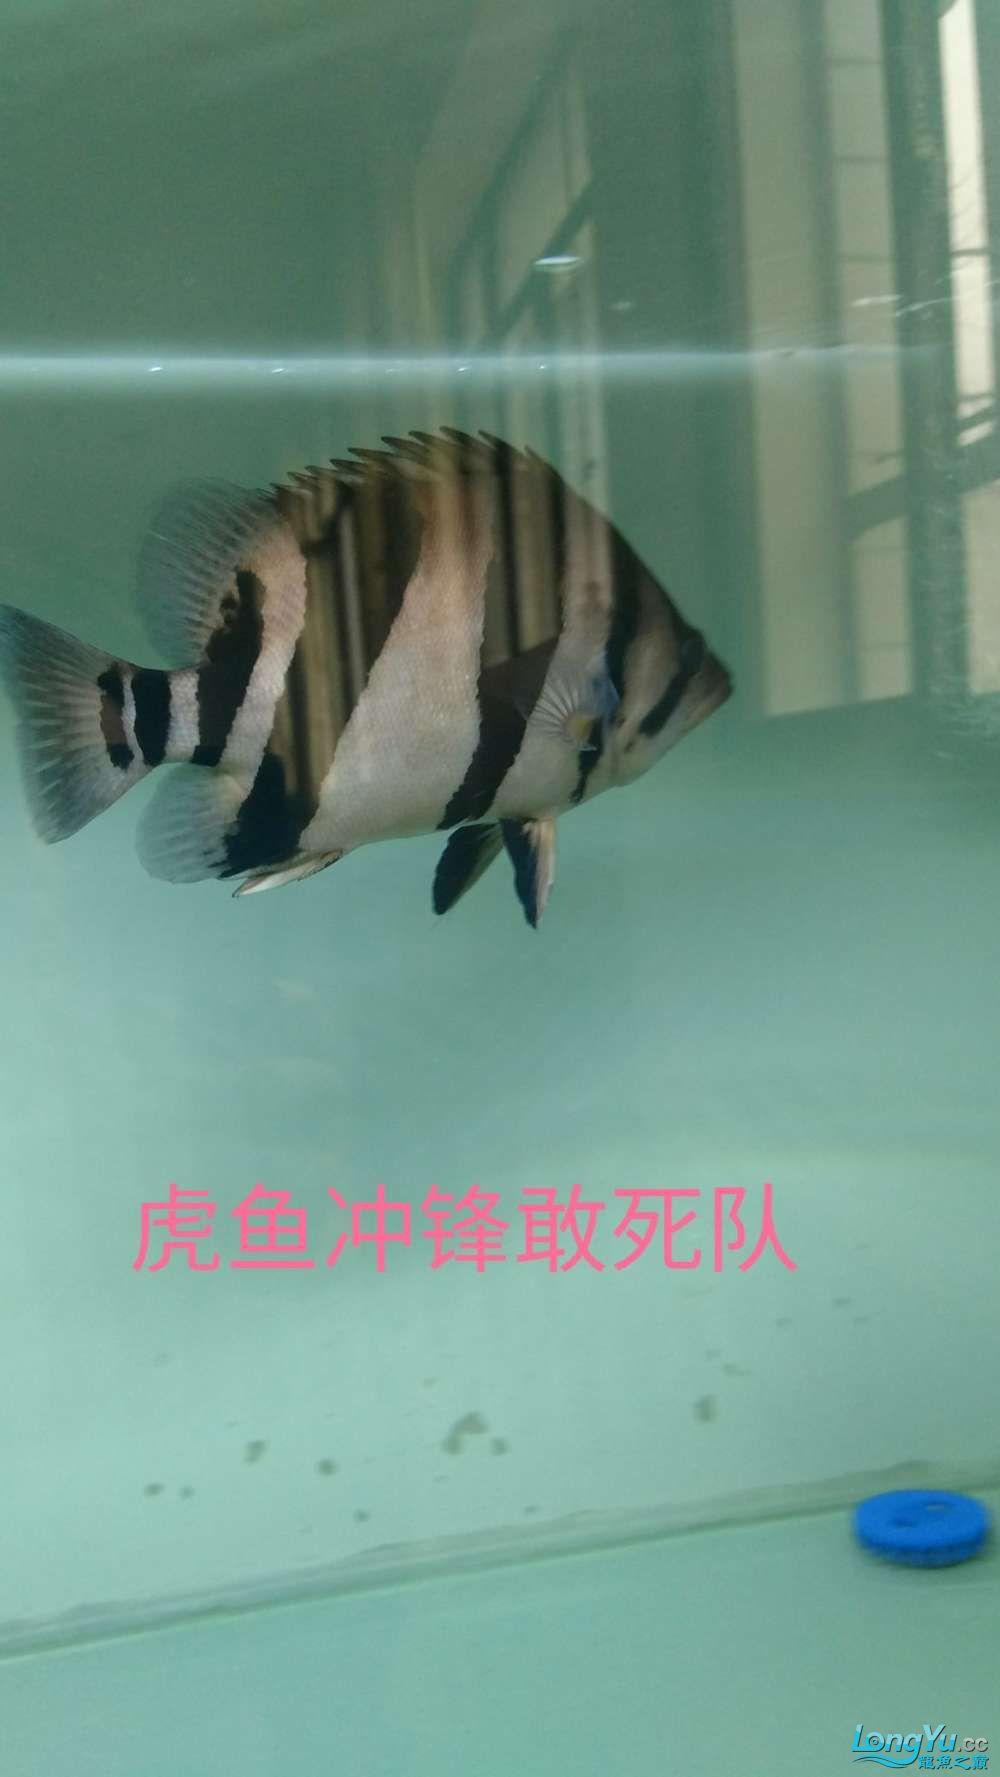 十川滤材试用报告 西安龙鱼论坛 西安博特第8张